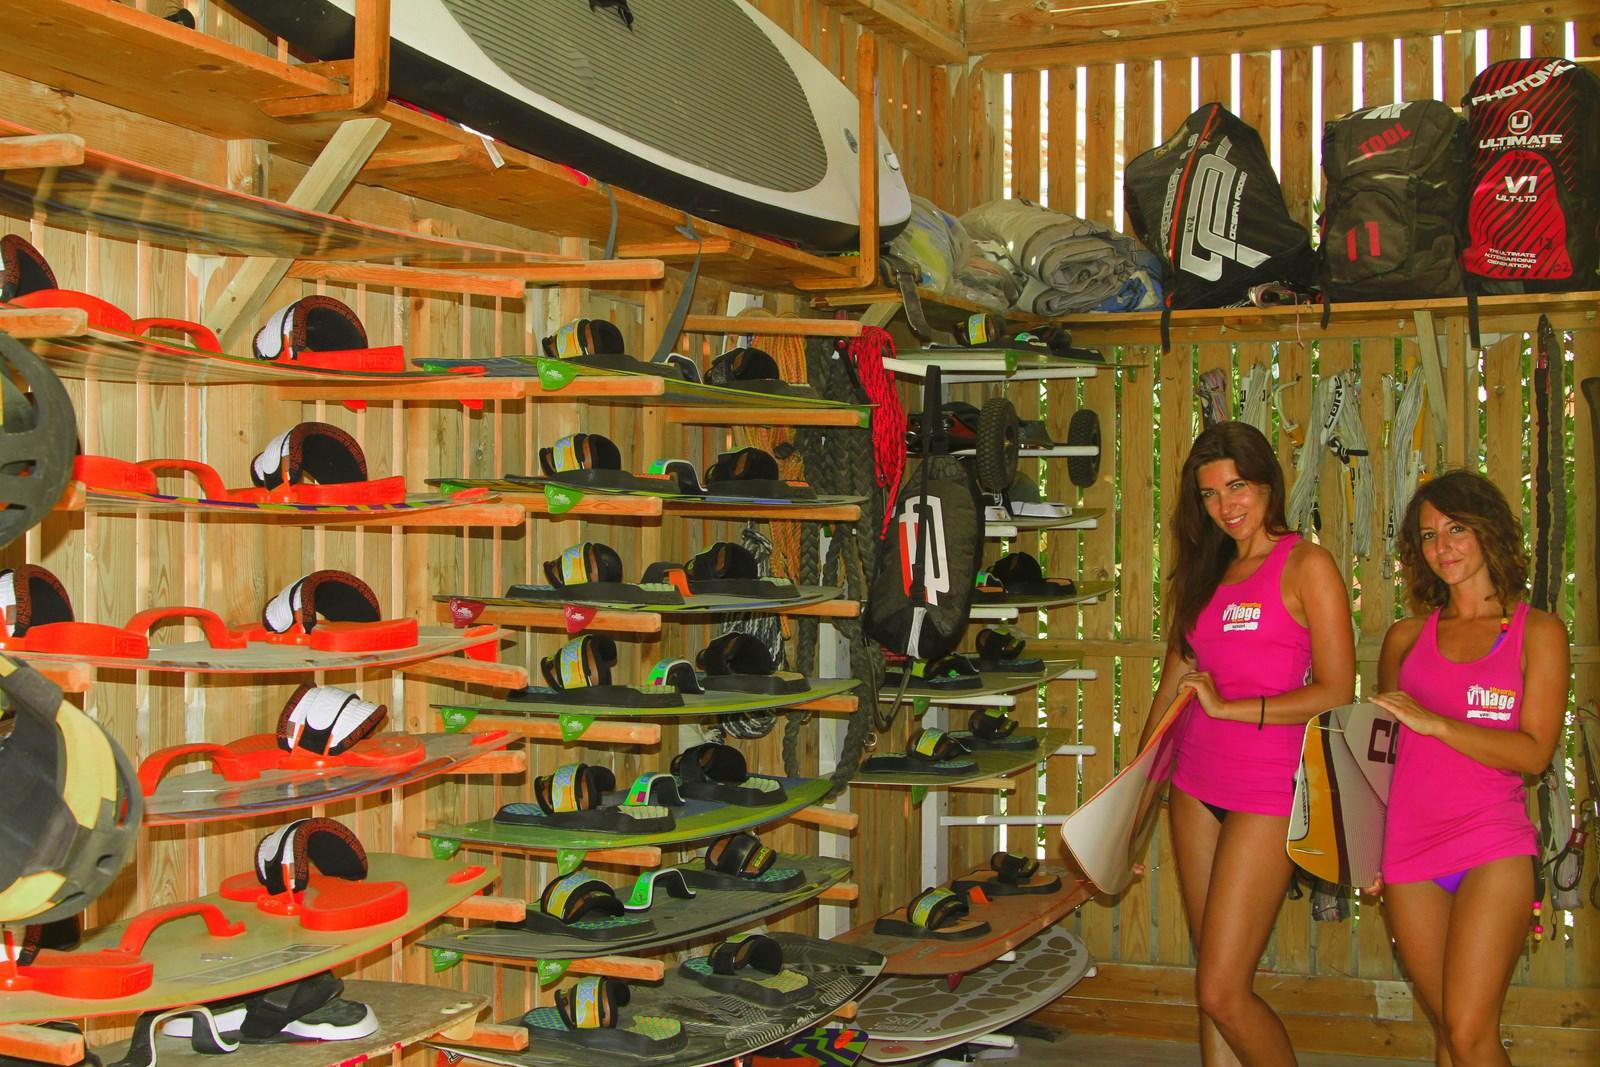 Oltre 30 tavole e 30 kite sempre nuovi e disponibili al kitesurfing village